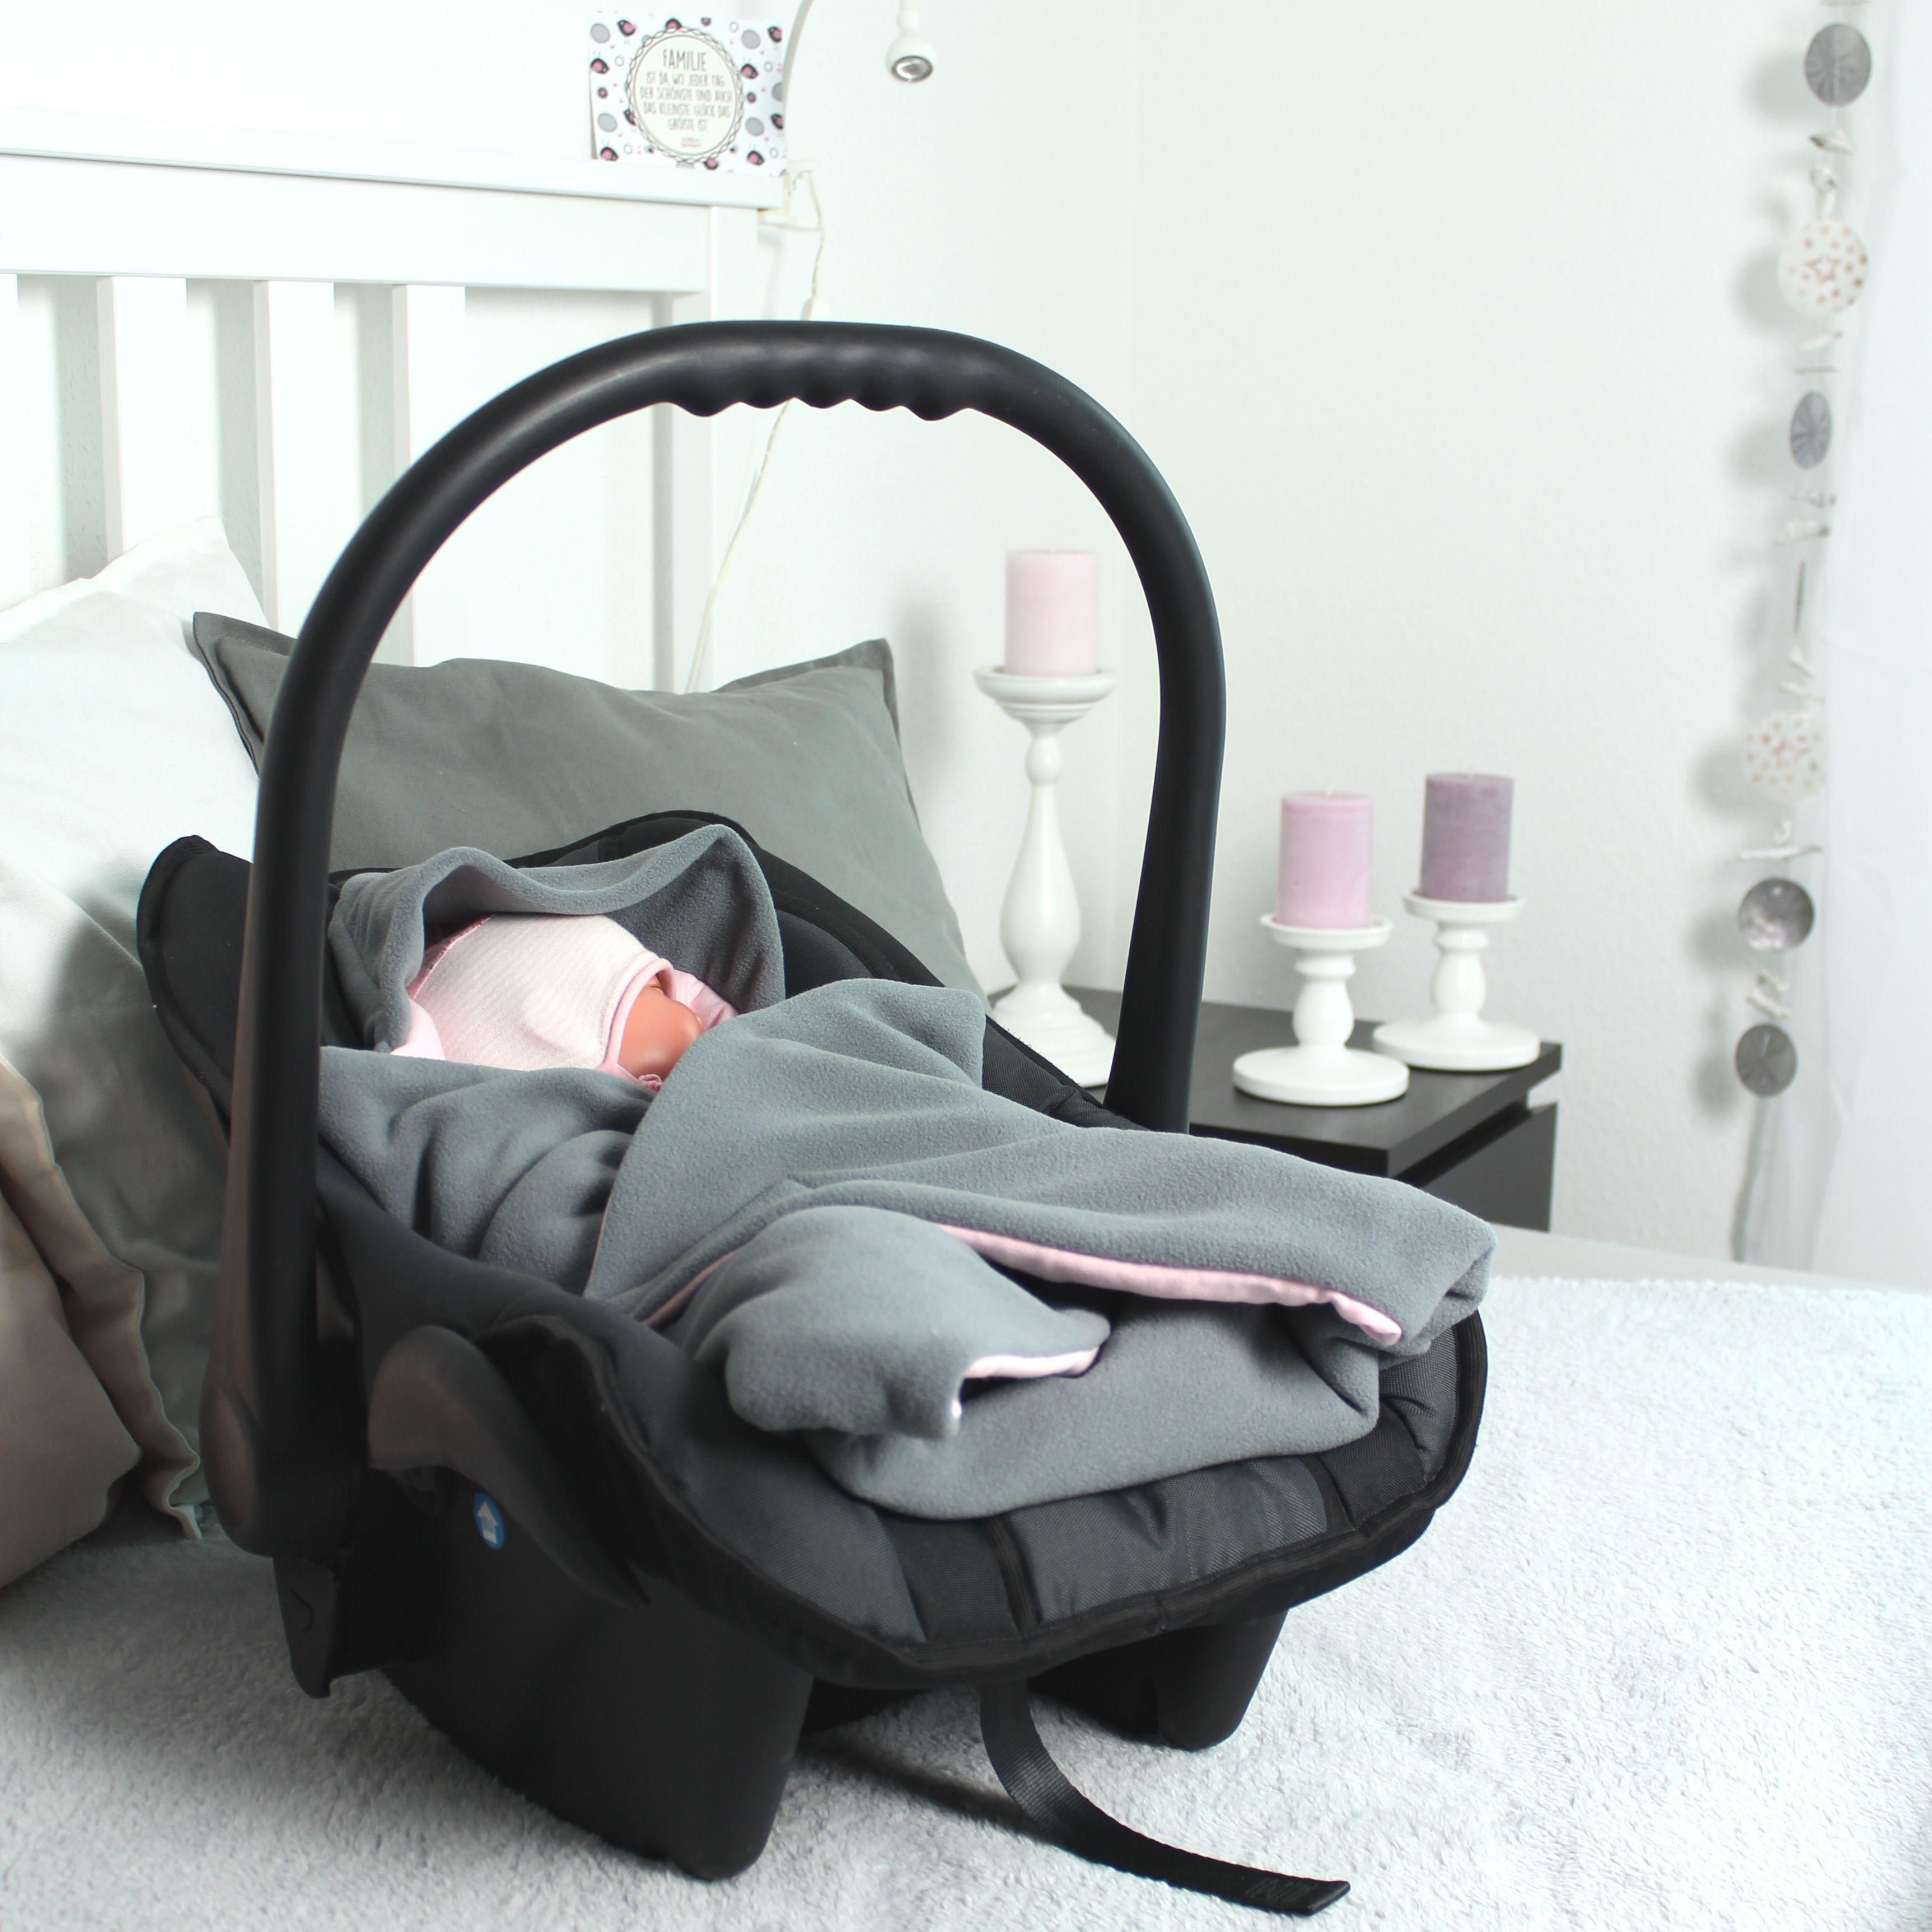 einschlagdecke winter von hobea germany einschlagdecken von hobea einschlagdecke. Black Bedroom Furniture Sets. Home Design Ideas